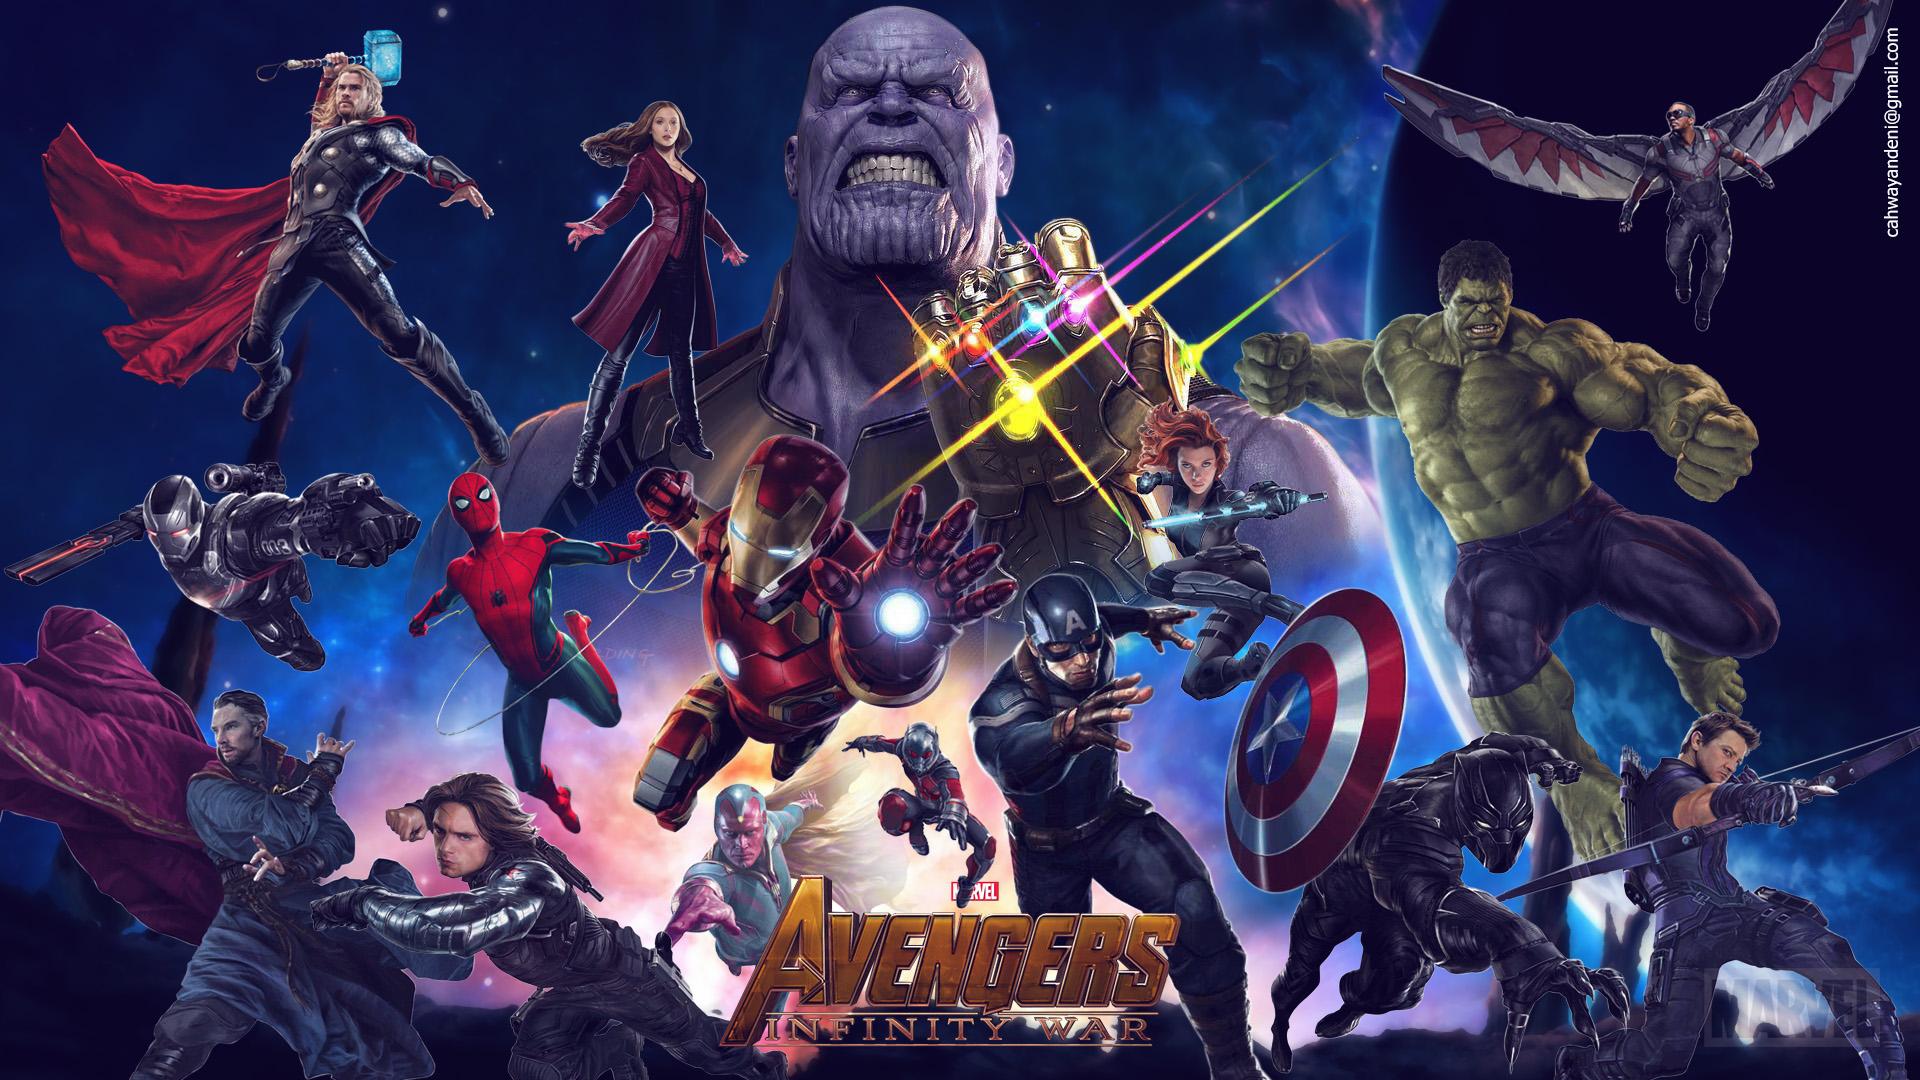 avengers infinity war pelicula completa descargar gratis